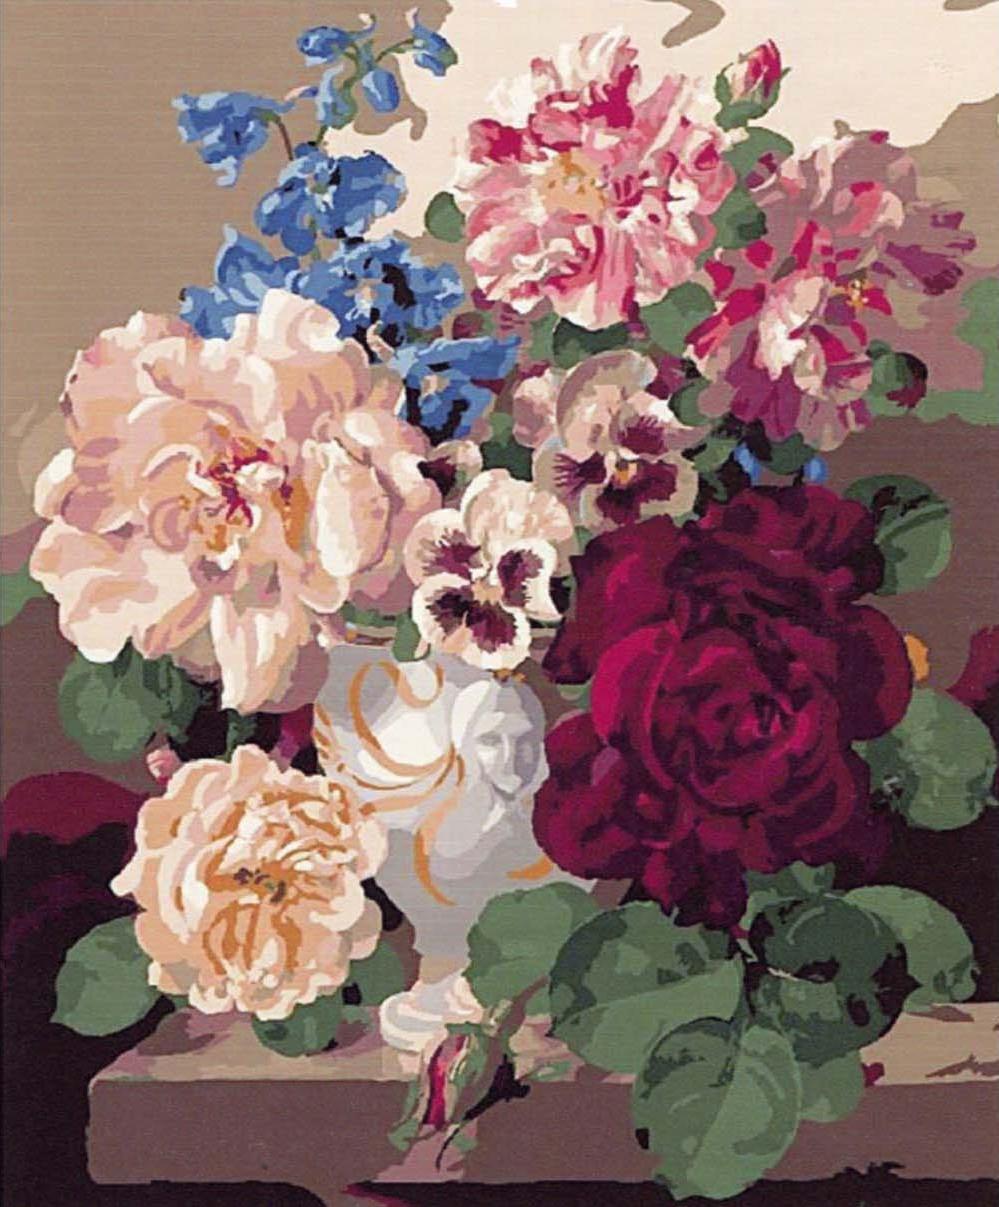 Картина по номерам «Розы и анютины глазки» Гарольда КлейтонаPaintboy (Premium)<br><br><br>Артикул: GX7055<br>Основа: Холст<br>Сложность: средние<br>Размер: 40x50 см<br>Количество цветов: 25<br>Техника рисования: Без смешивания красок